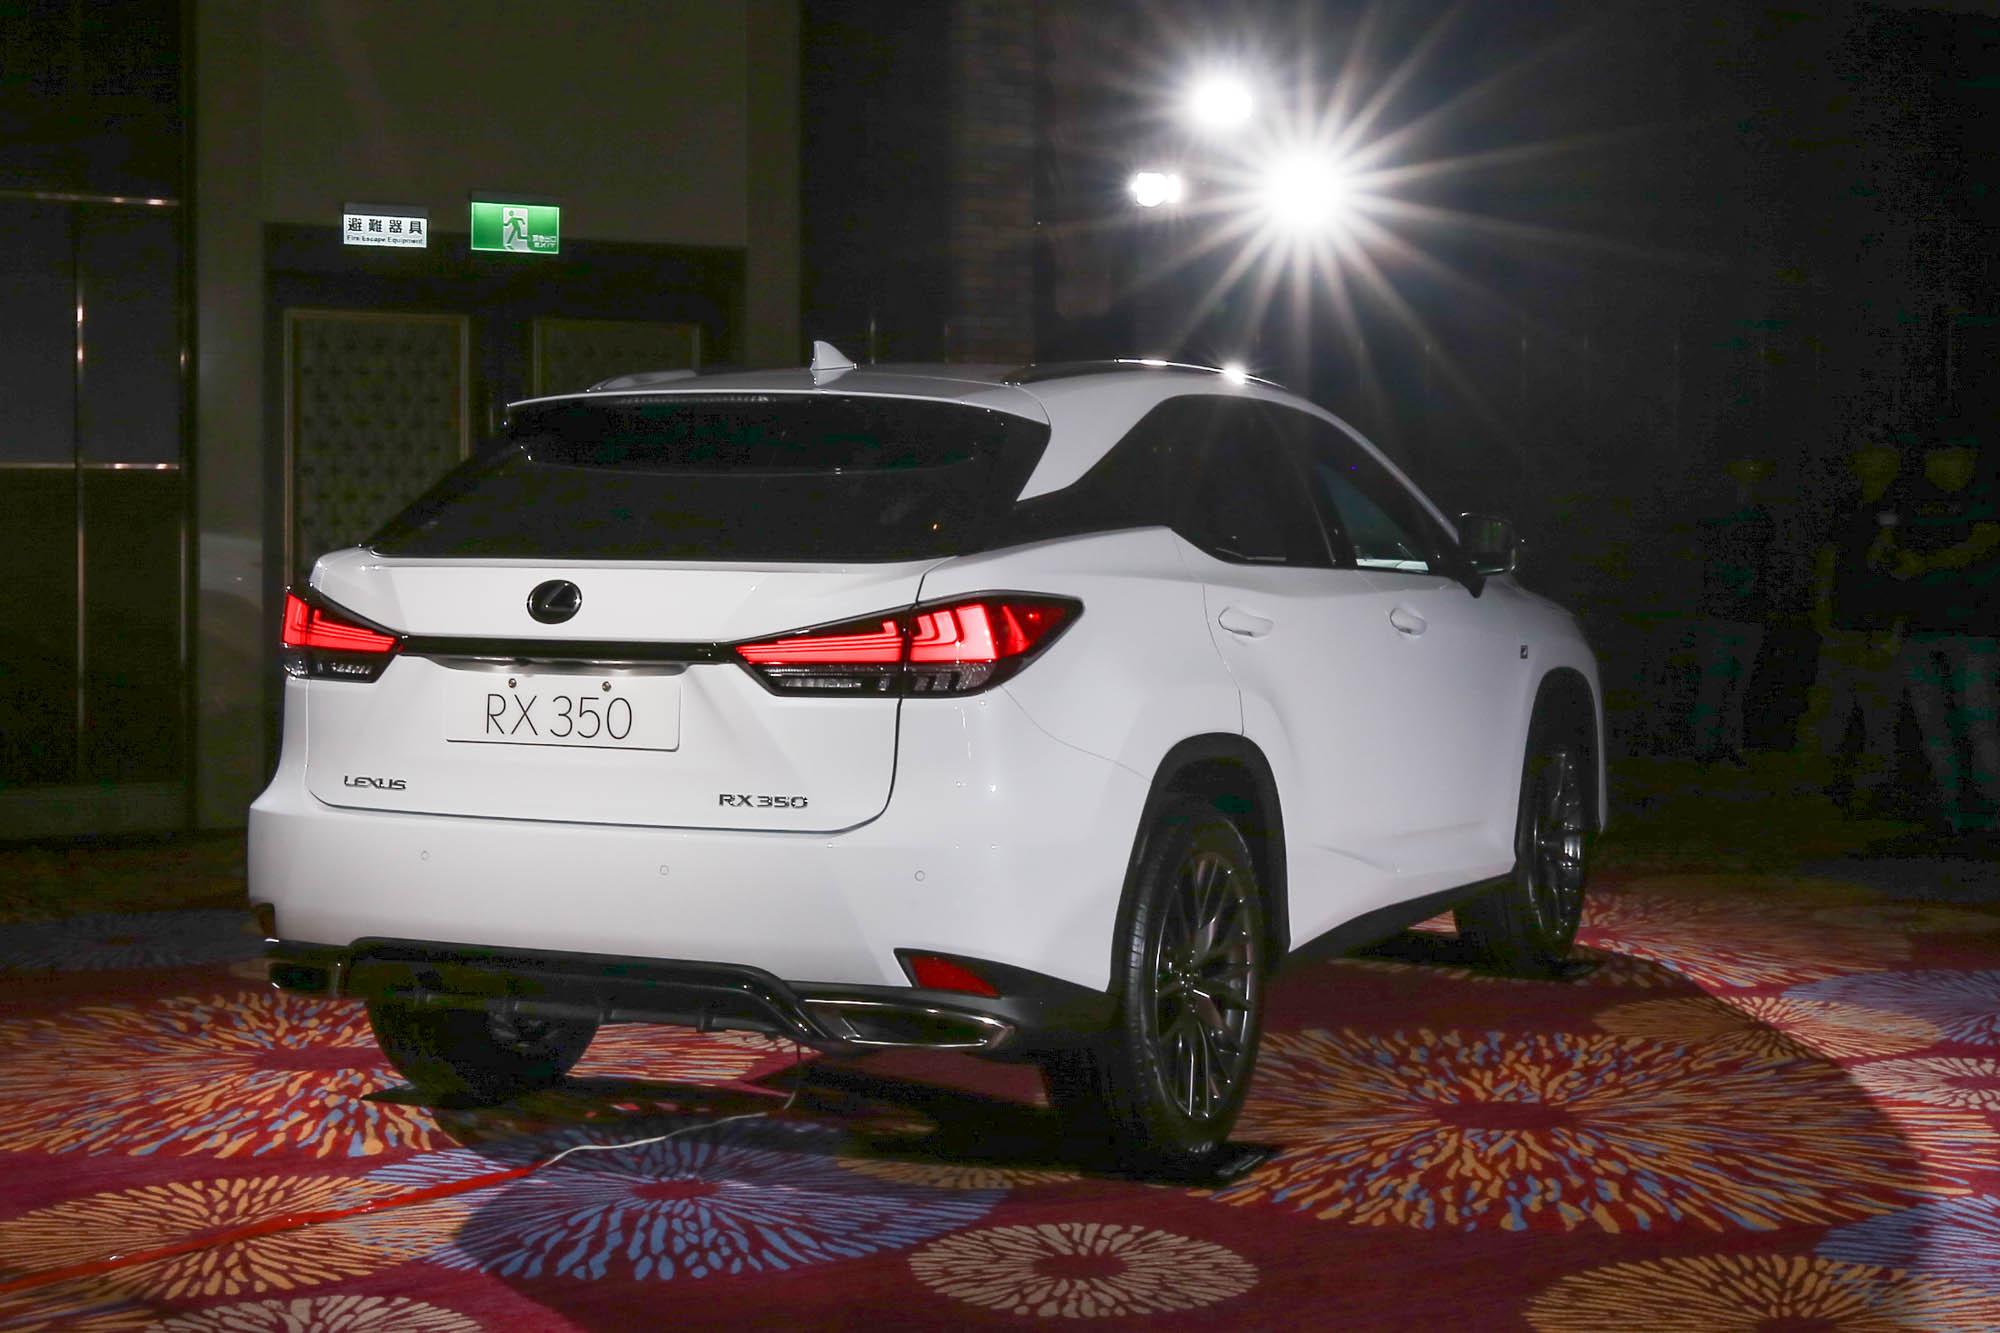 車尾引入類似 LS 車系的 L-Shaped LED 光條式尾燈設計